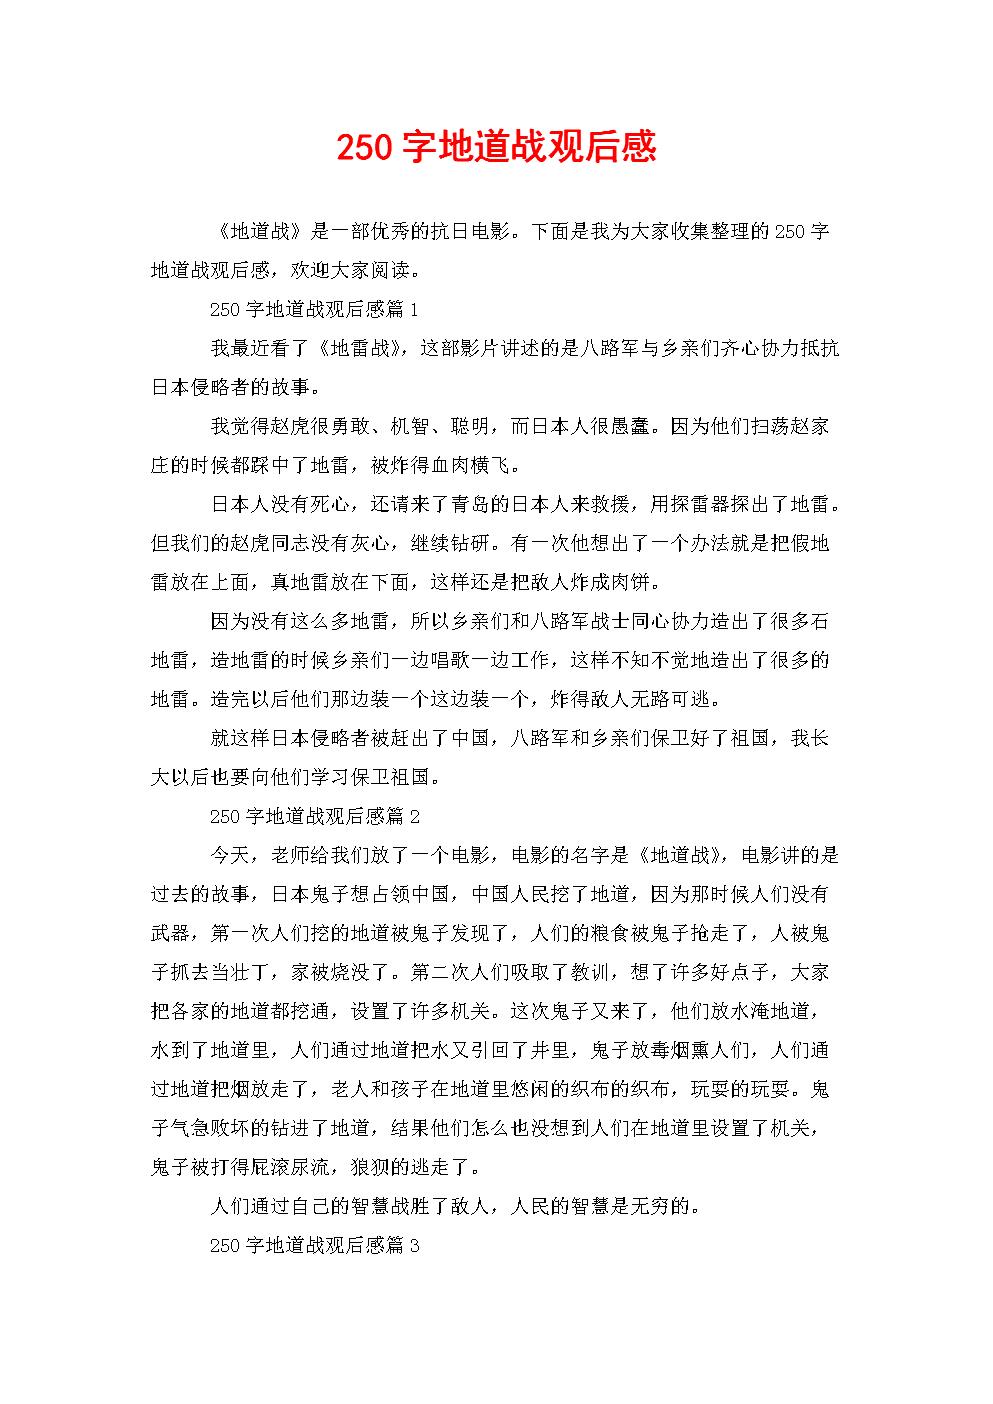 250字地道战观后感.doc